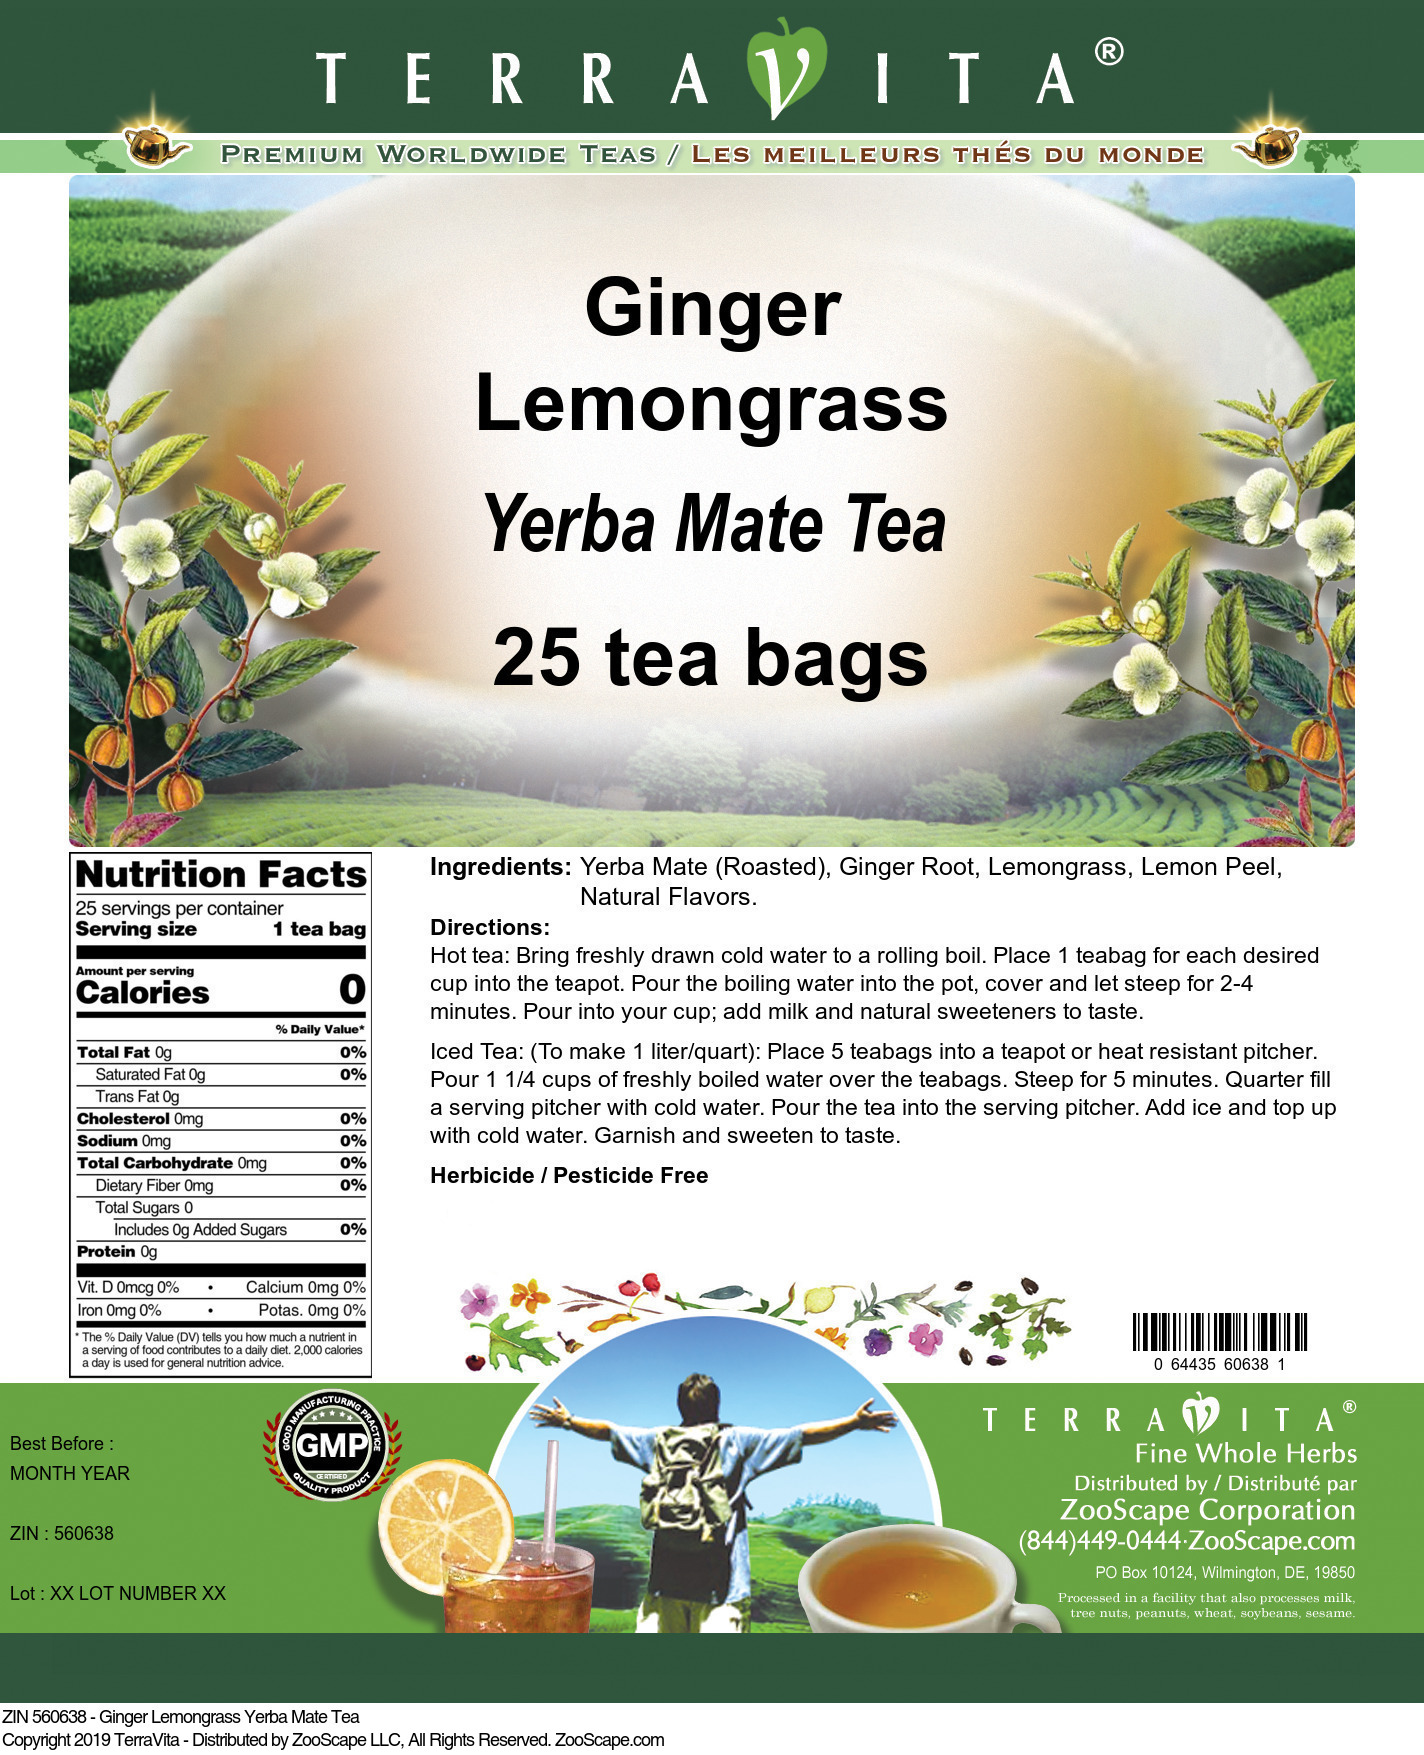 Ginger Lemongrass Yerba Mate Tea